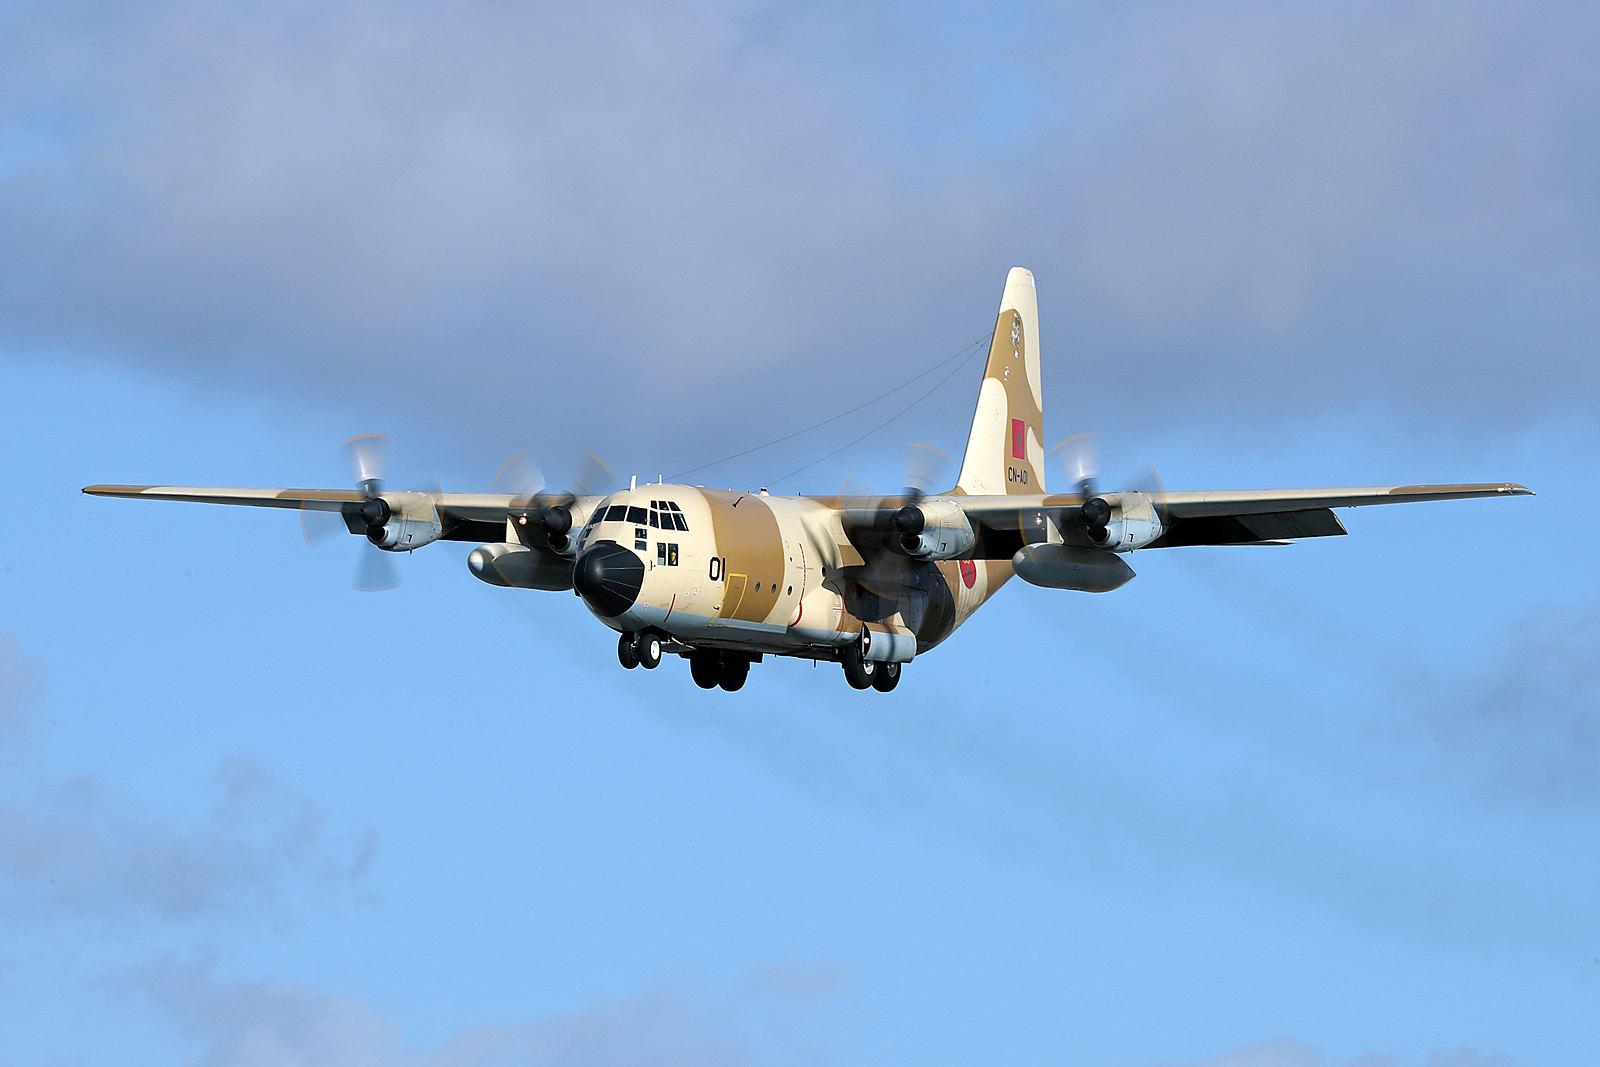 FRA: Photos d'avions de transport - Page 38 49029533537_5ac103df15_h